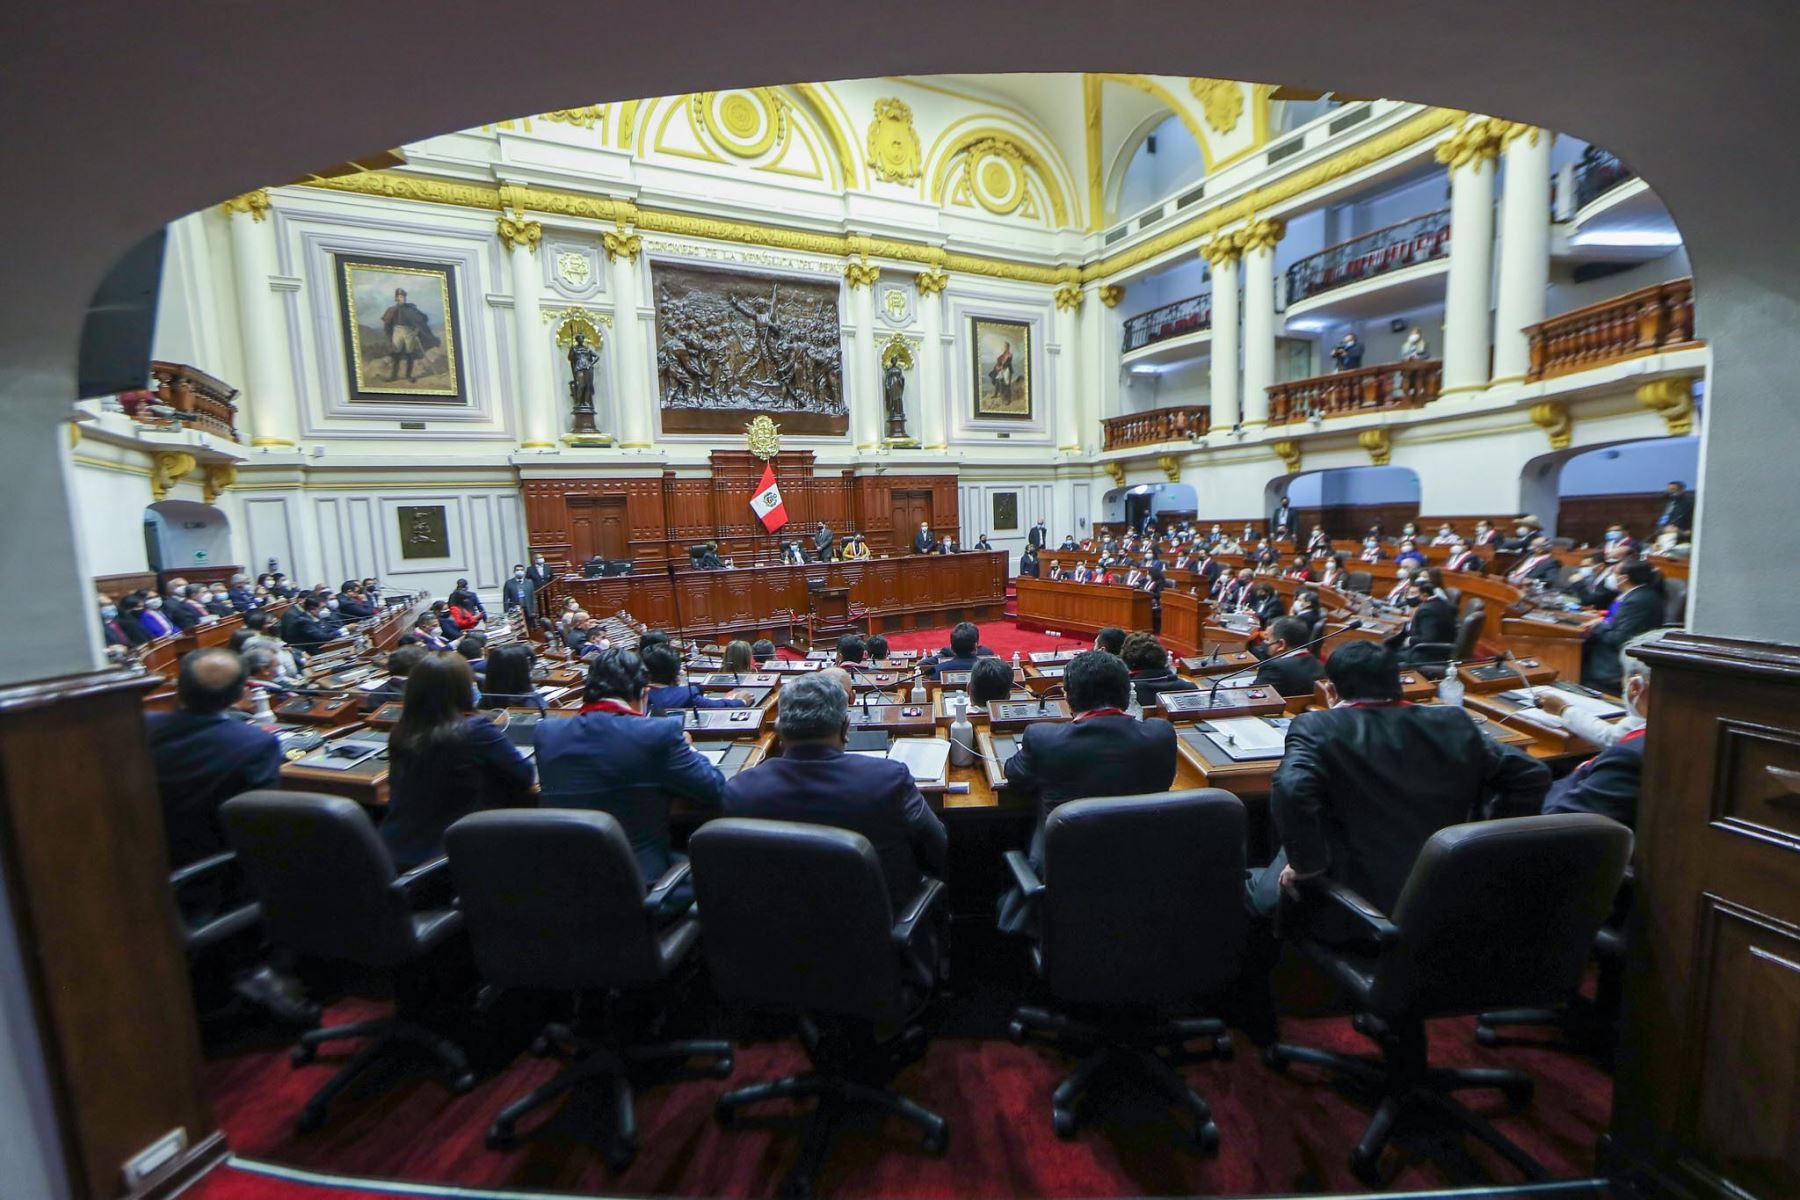 En el hemiciclo del Congreso se inició la sesión plenaria que elegirá a los integrantes de la Mesa Directiva para el periodo legislativo 2021-2022.